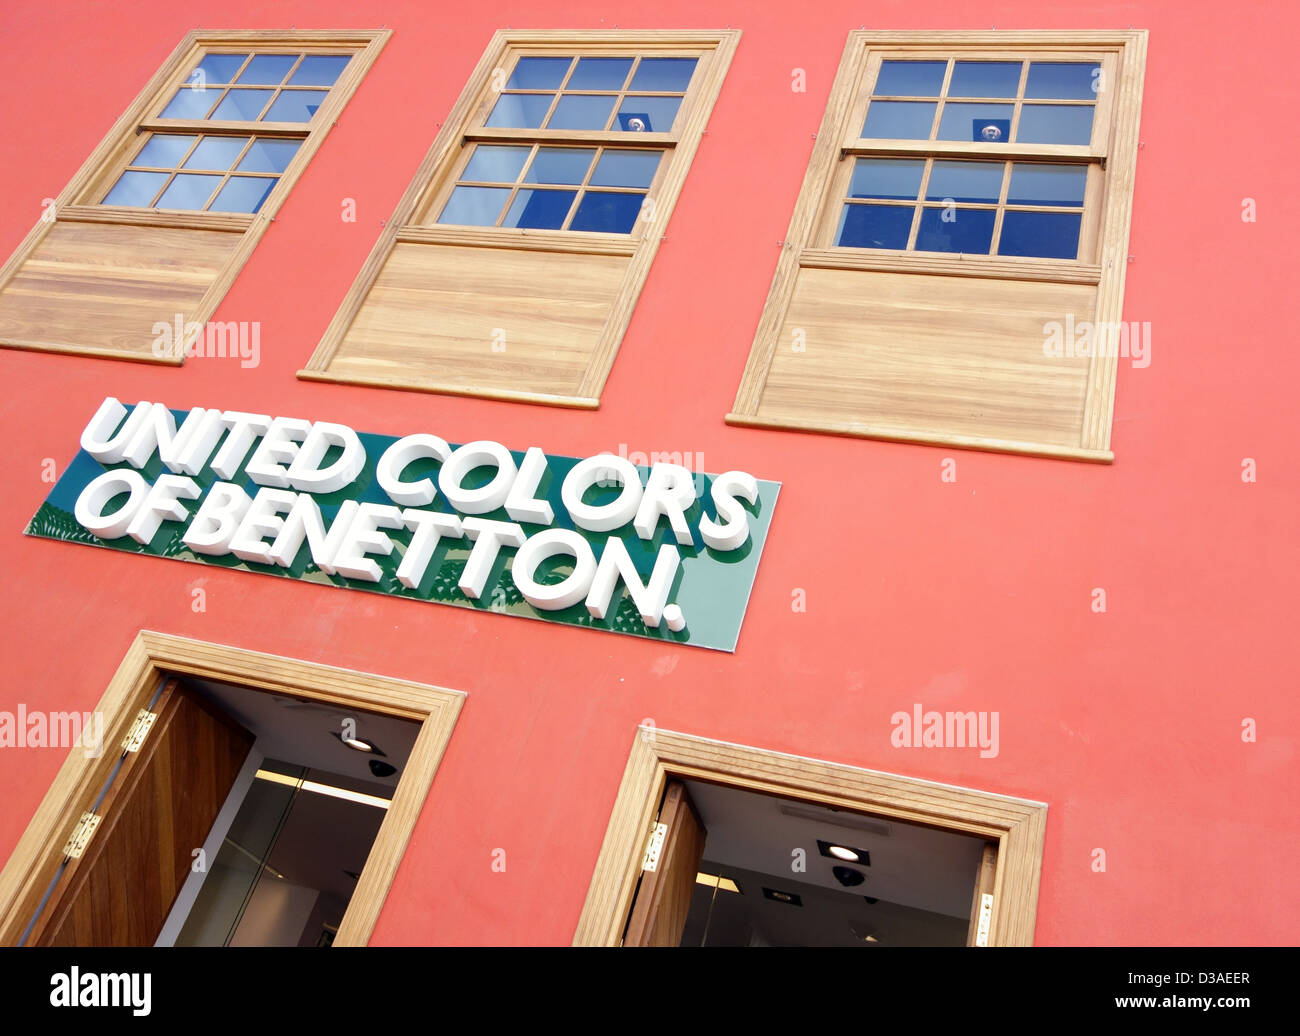 united colors of benetton fashion store in la laguna